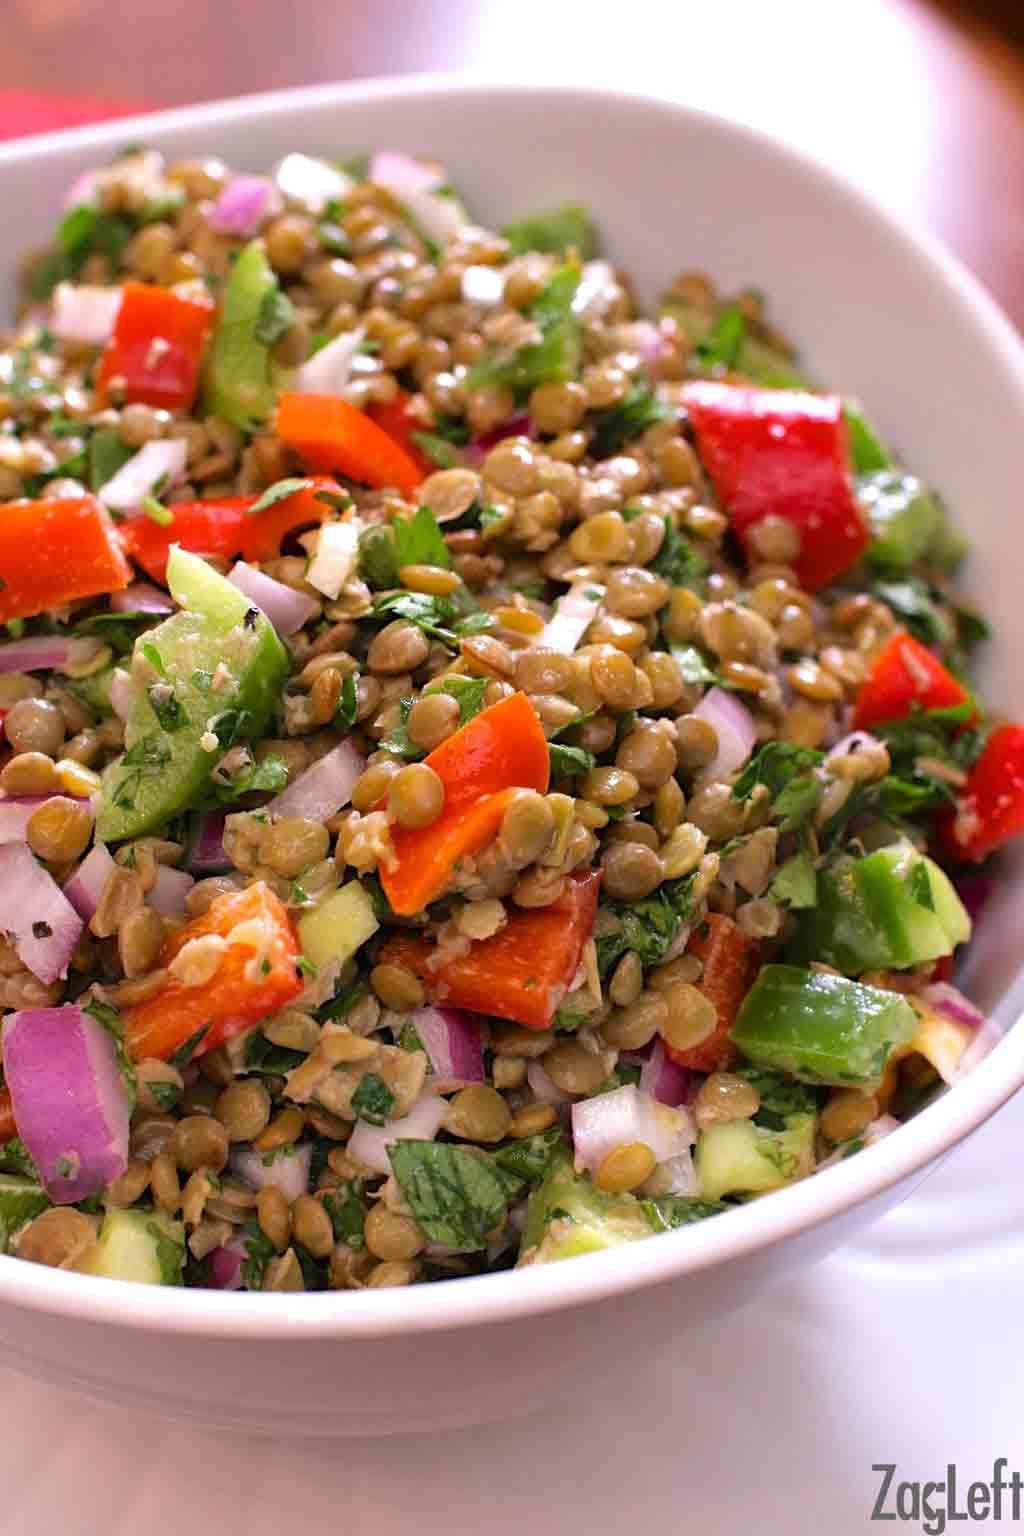 Closeup of a bowl of Lentil Salad